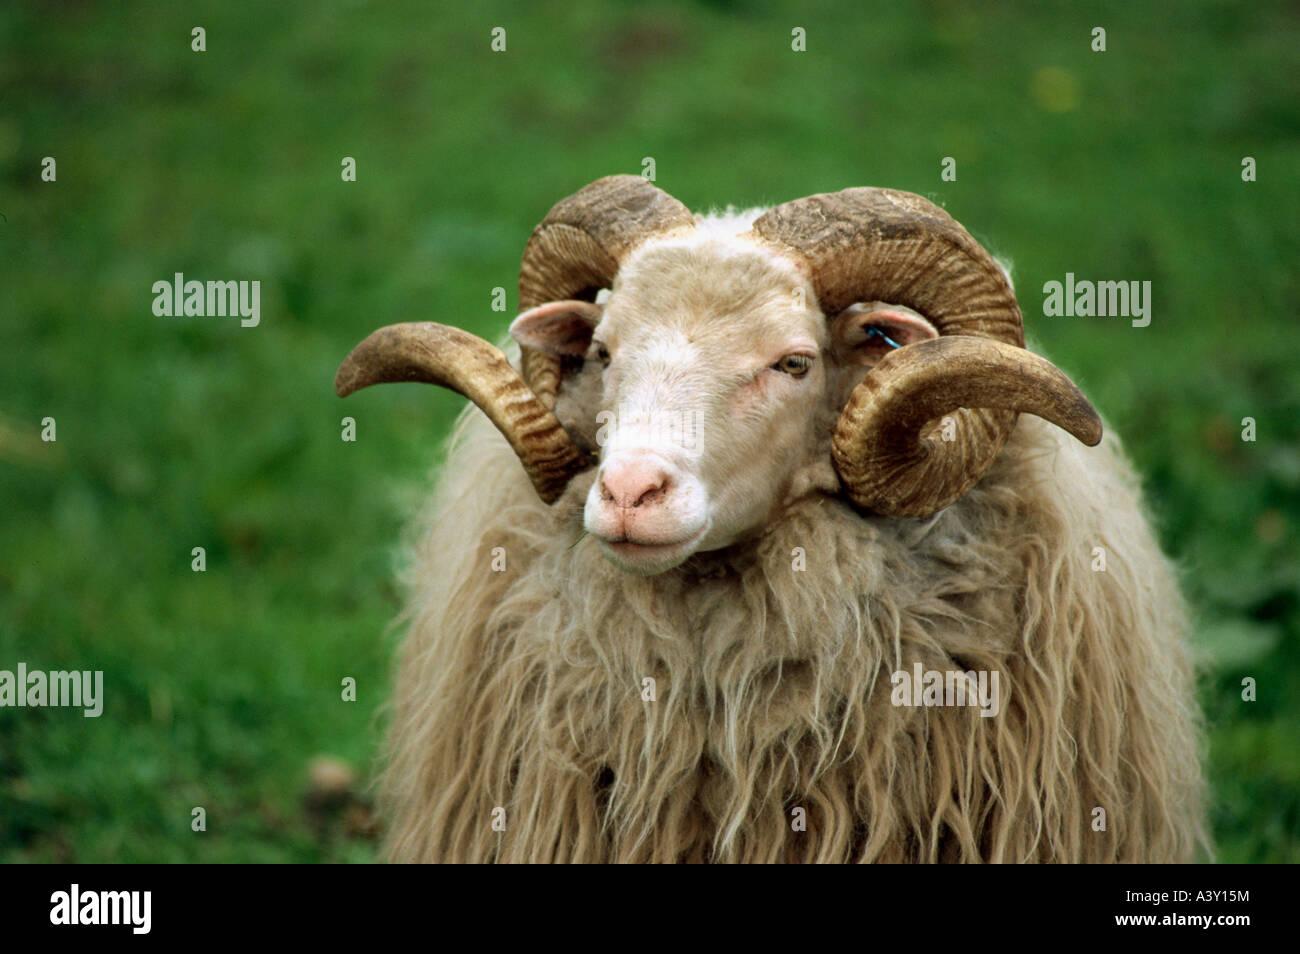 zoology / animals, mammal / mammalian, sheep, (Ovis), Walachian sheep, detail: head, distribution: Slovakia, Czech - Stock Image